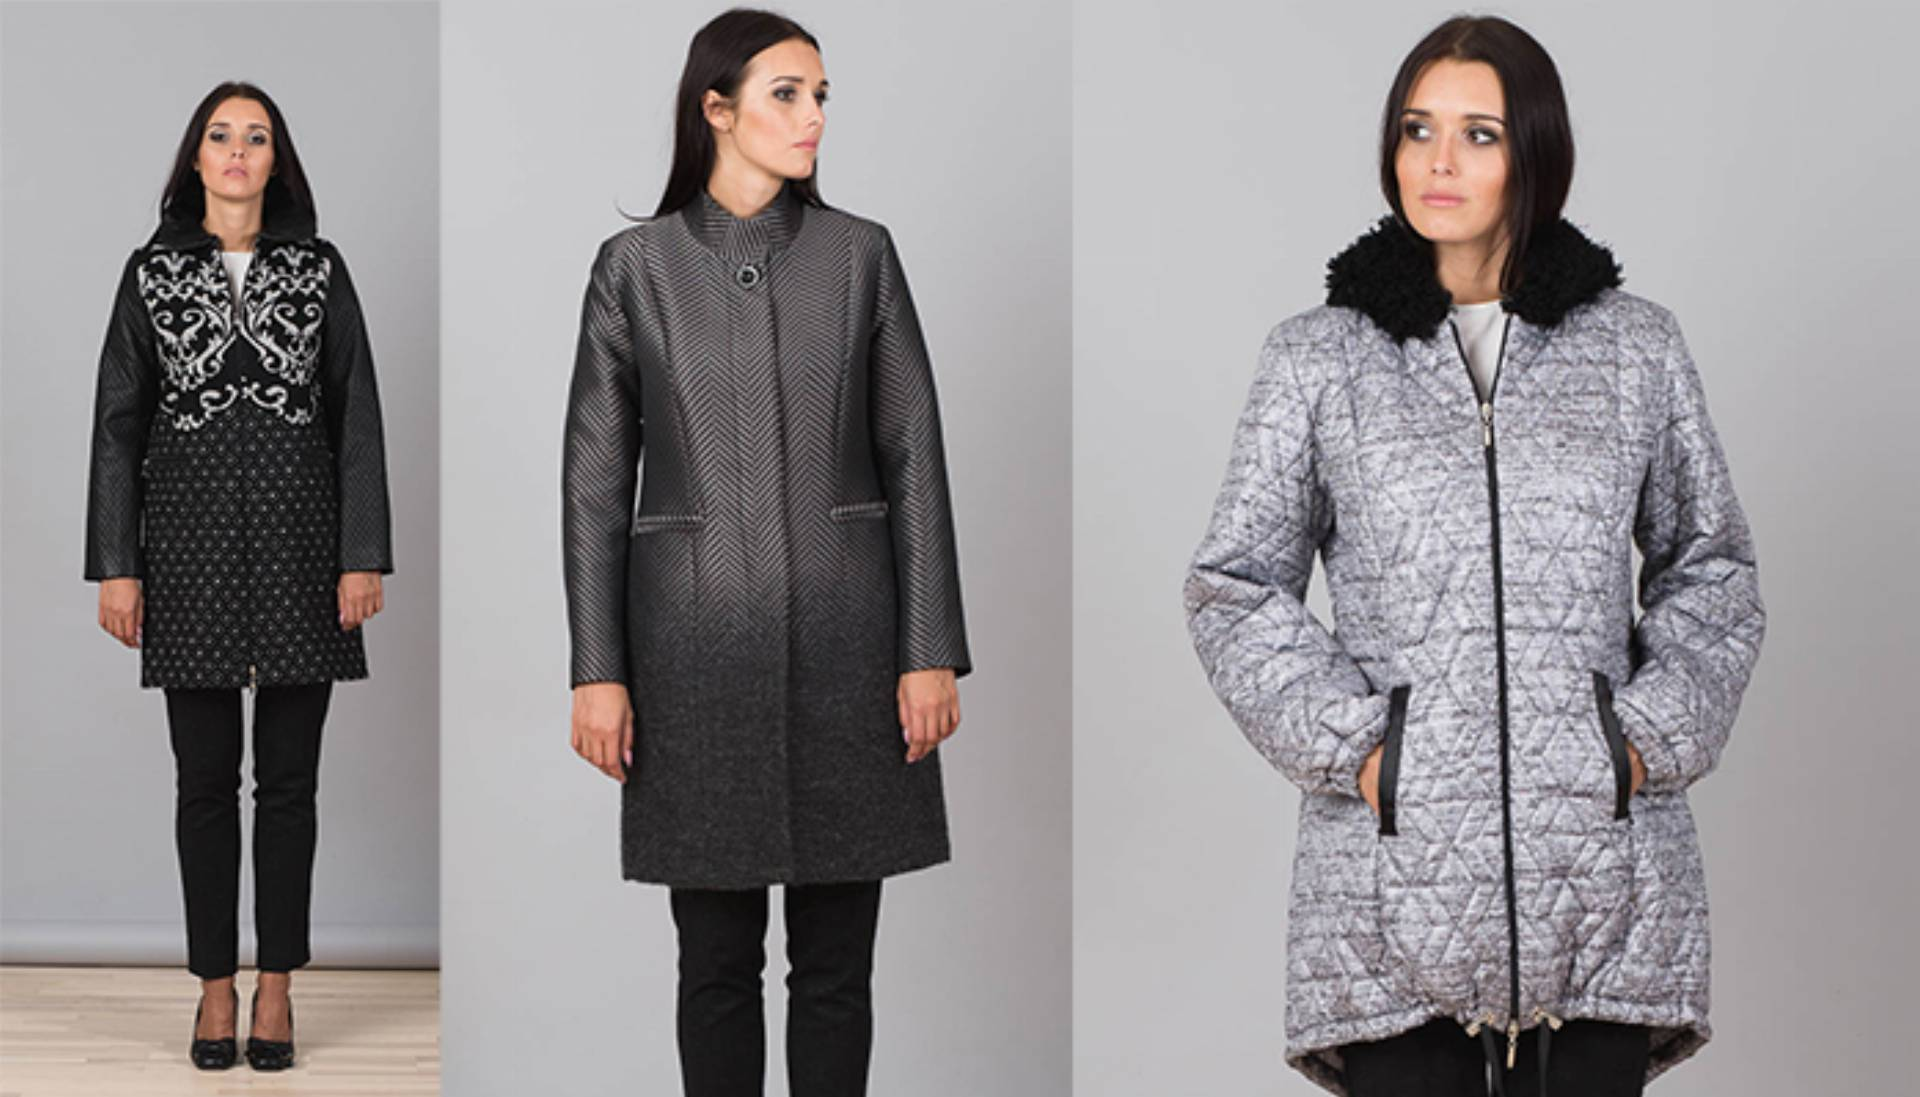 Płaszcze i kurtki w kolekcji TOK jesień zima 20152016